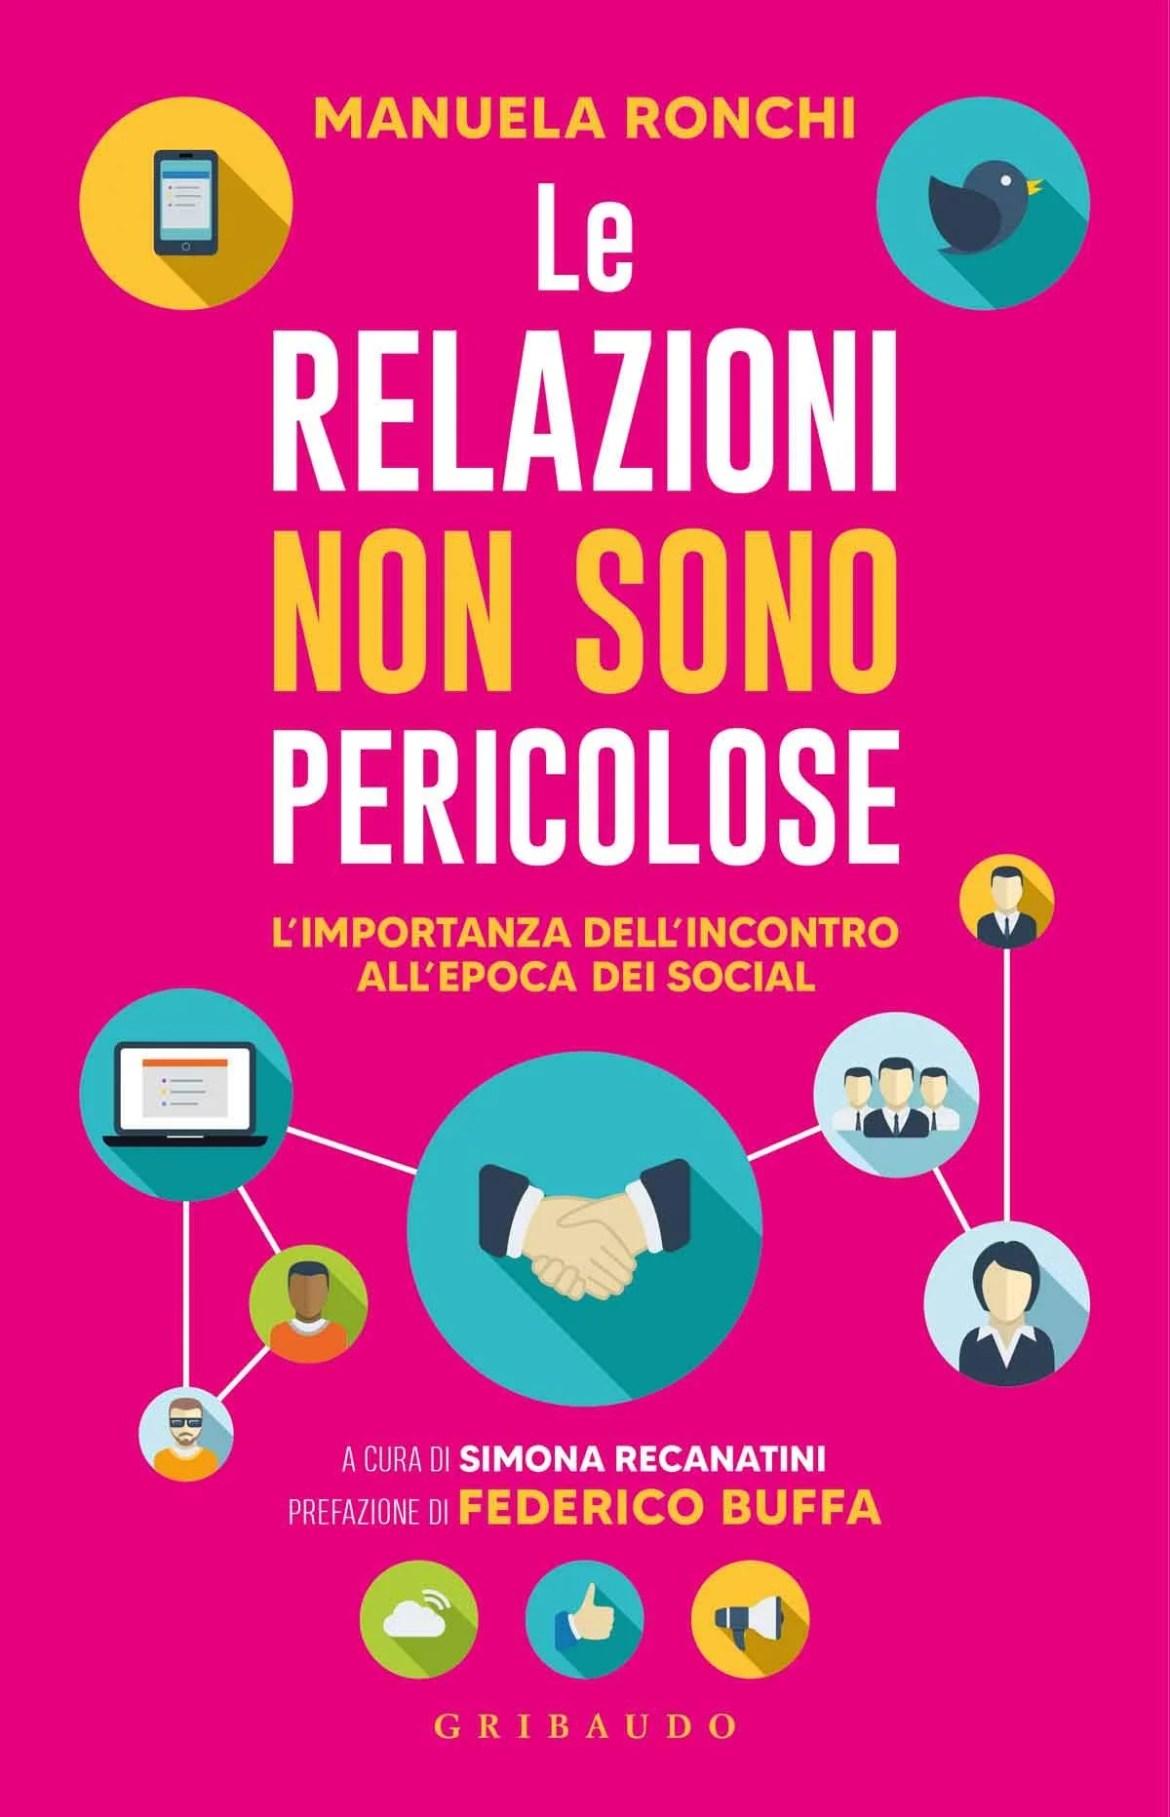 Recensione di Le Relazioni Non Sono Pericolose – Manuela Ronchi